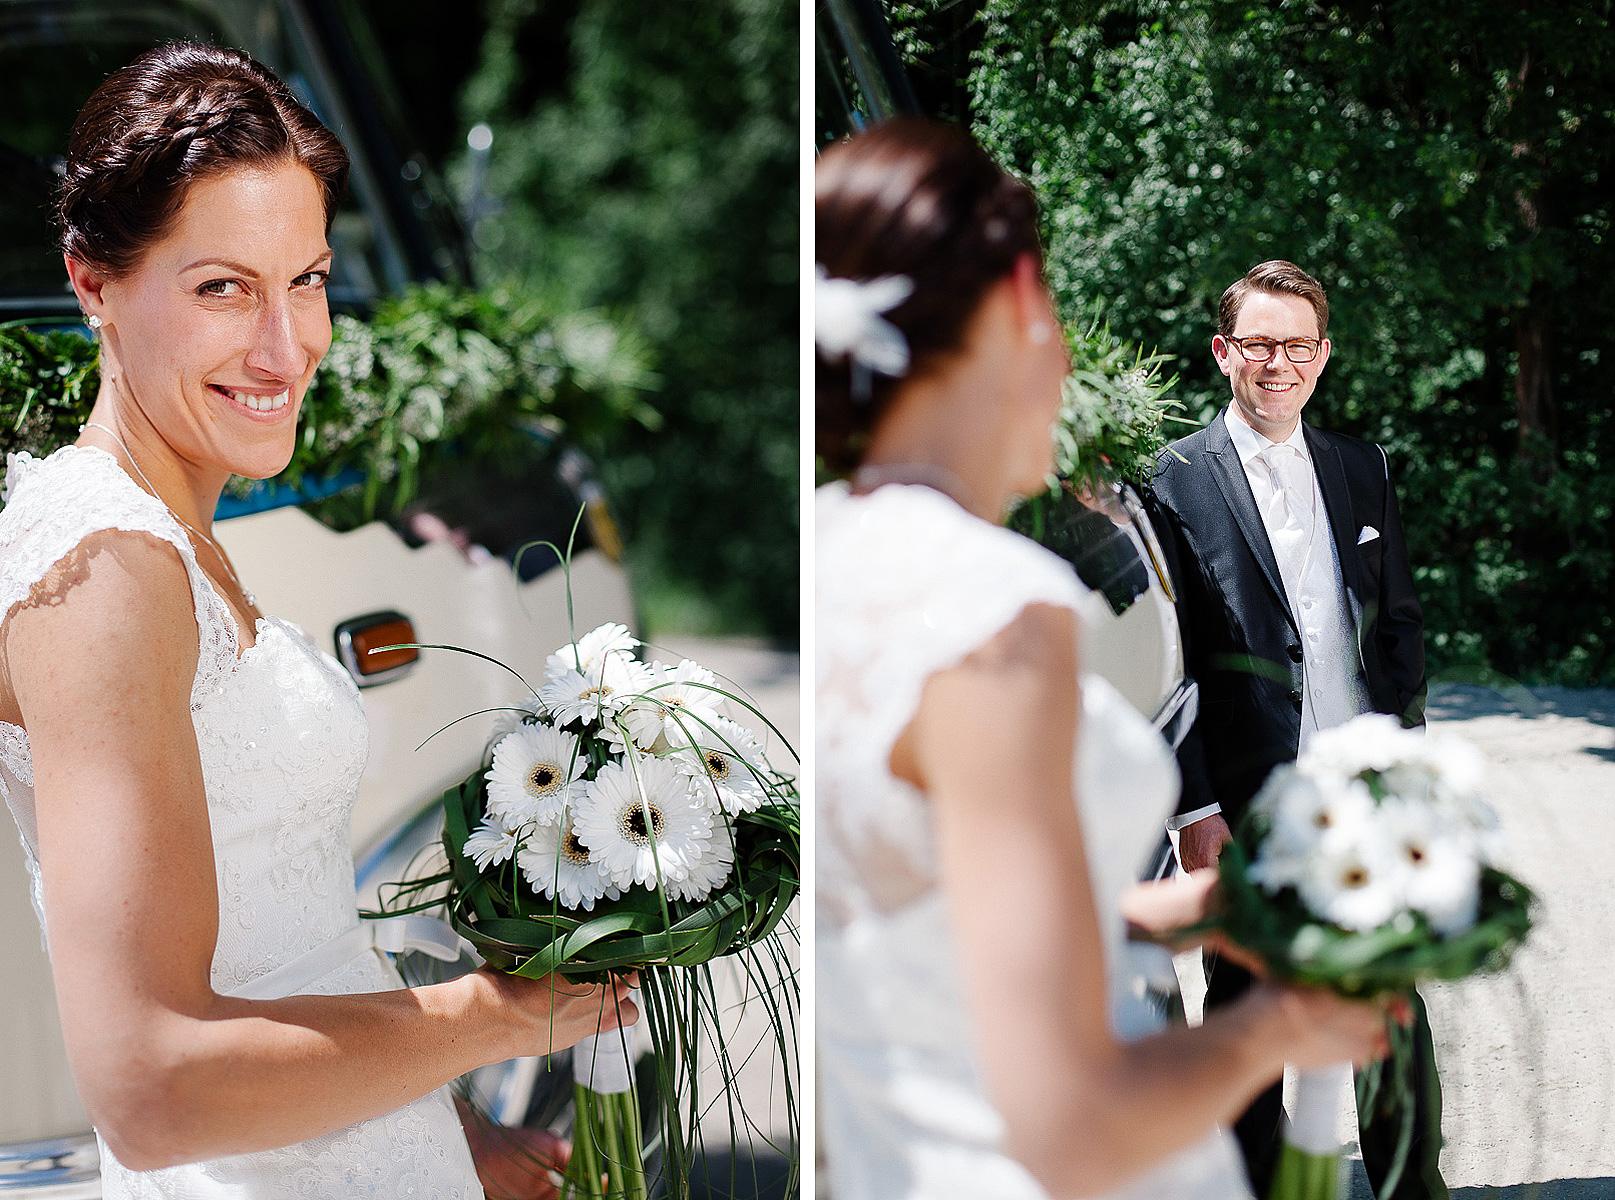 Sarah-und-Tobias-Farbe-web-Foto-Avec-Amis-157-156